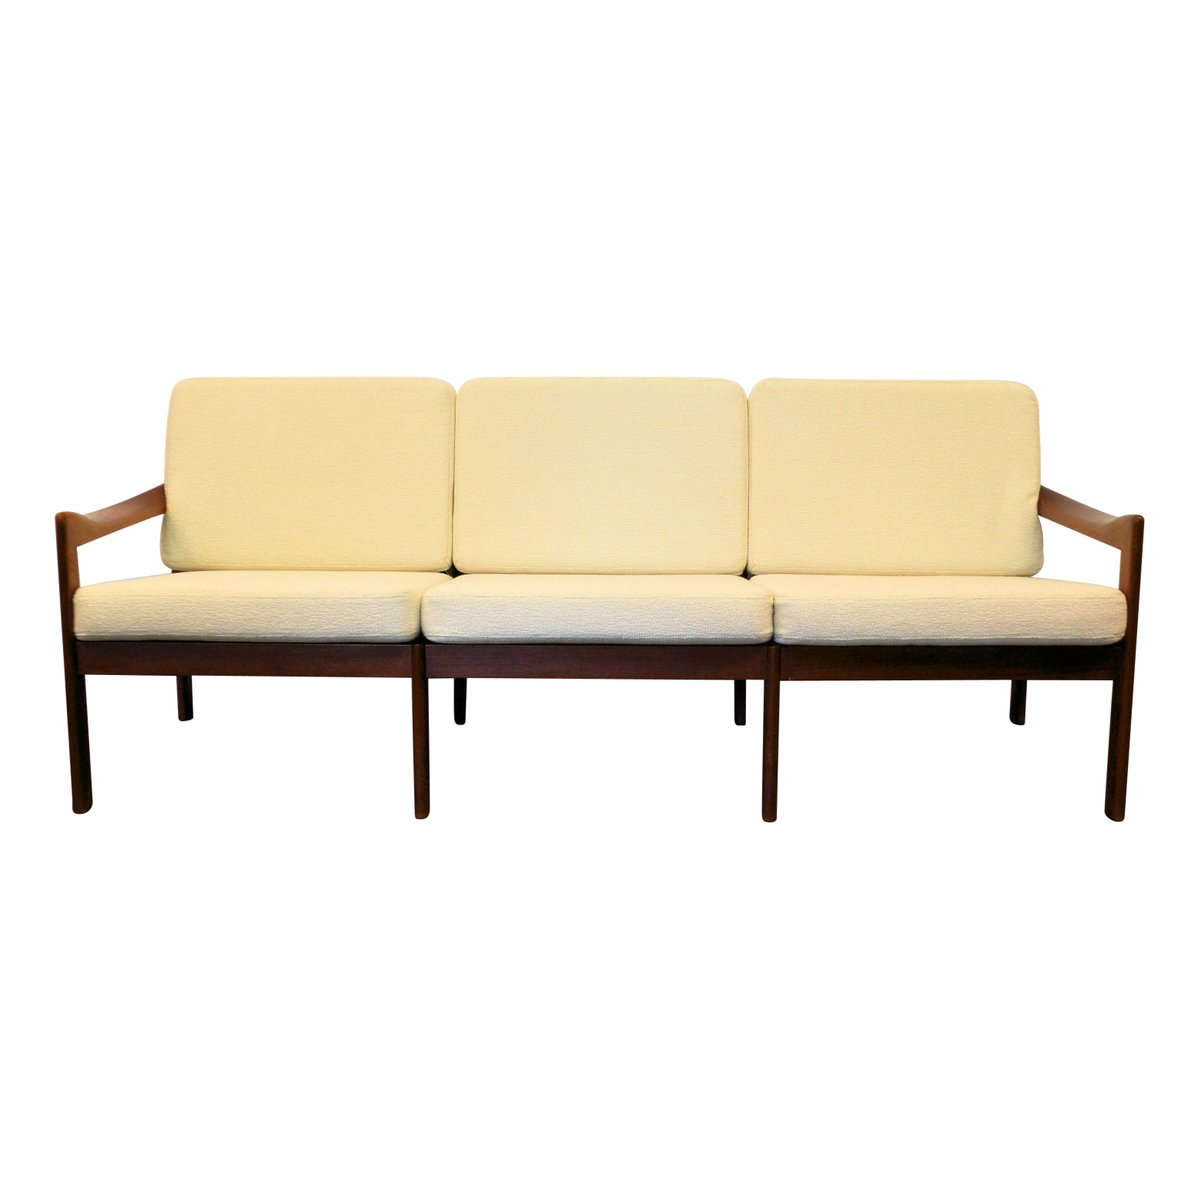 Dänisches Vintage Teak 3-Sitzer Sofa von Illum Wikkelso für Niels Eile...